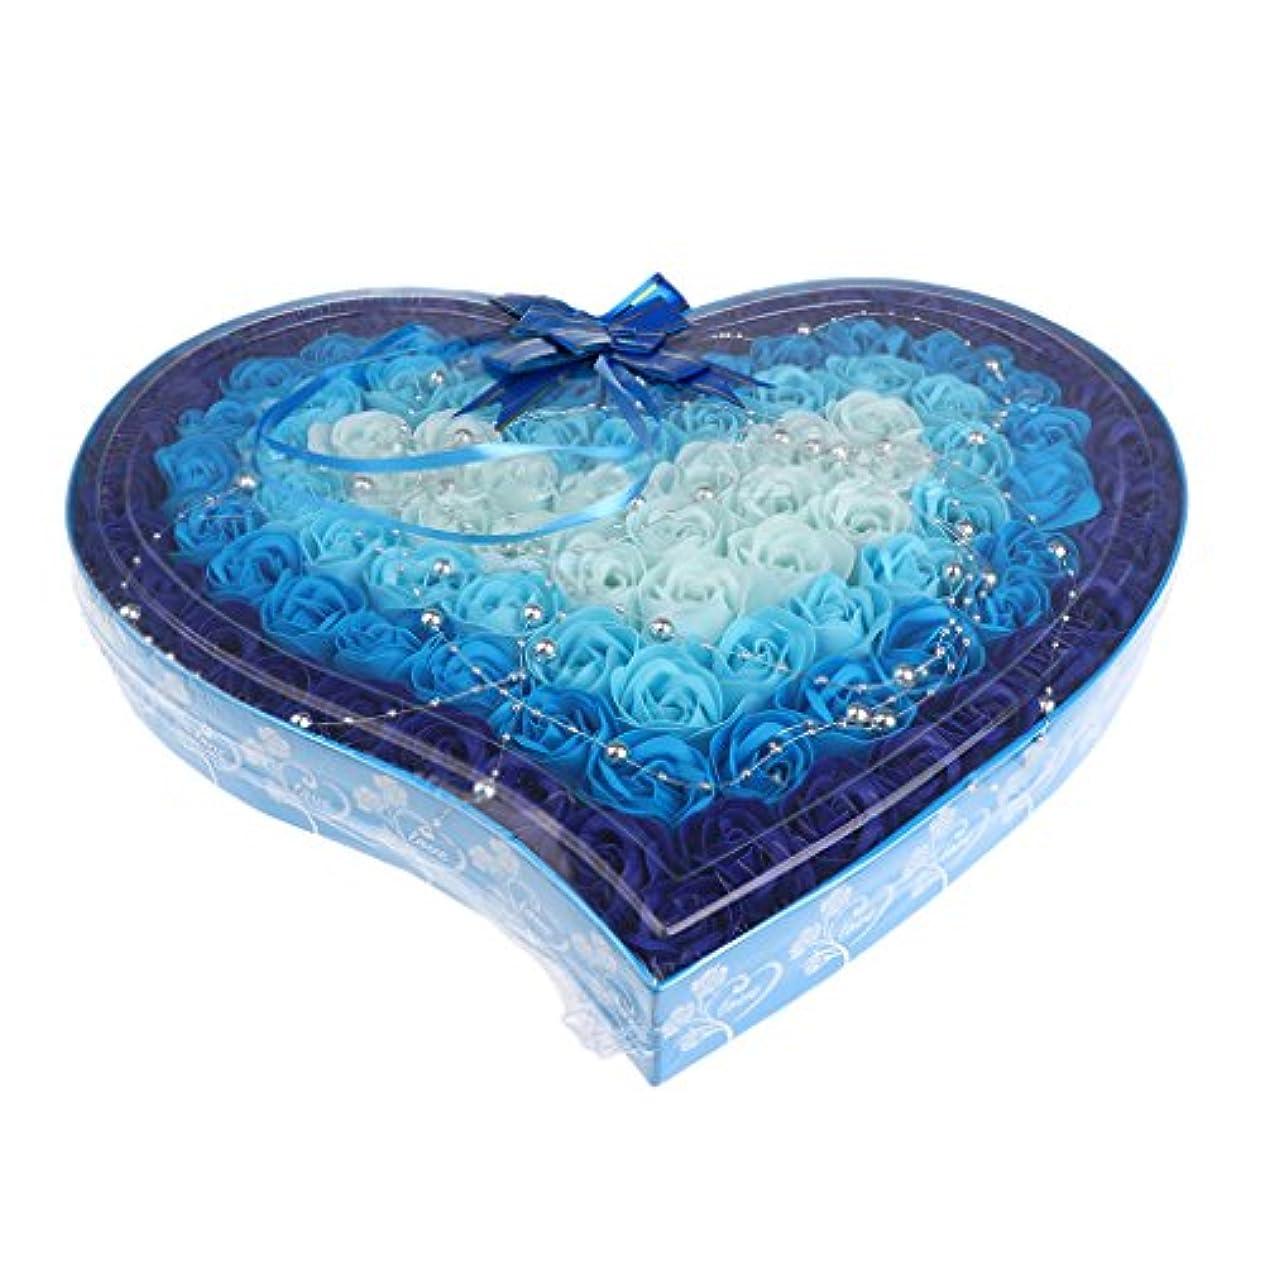 Kesoto 石鹸の花 造花 ソープフラワー 心の形 ギフトボックス  母の日   バレンタイン プレゼント 全4色選べる - 青